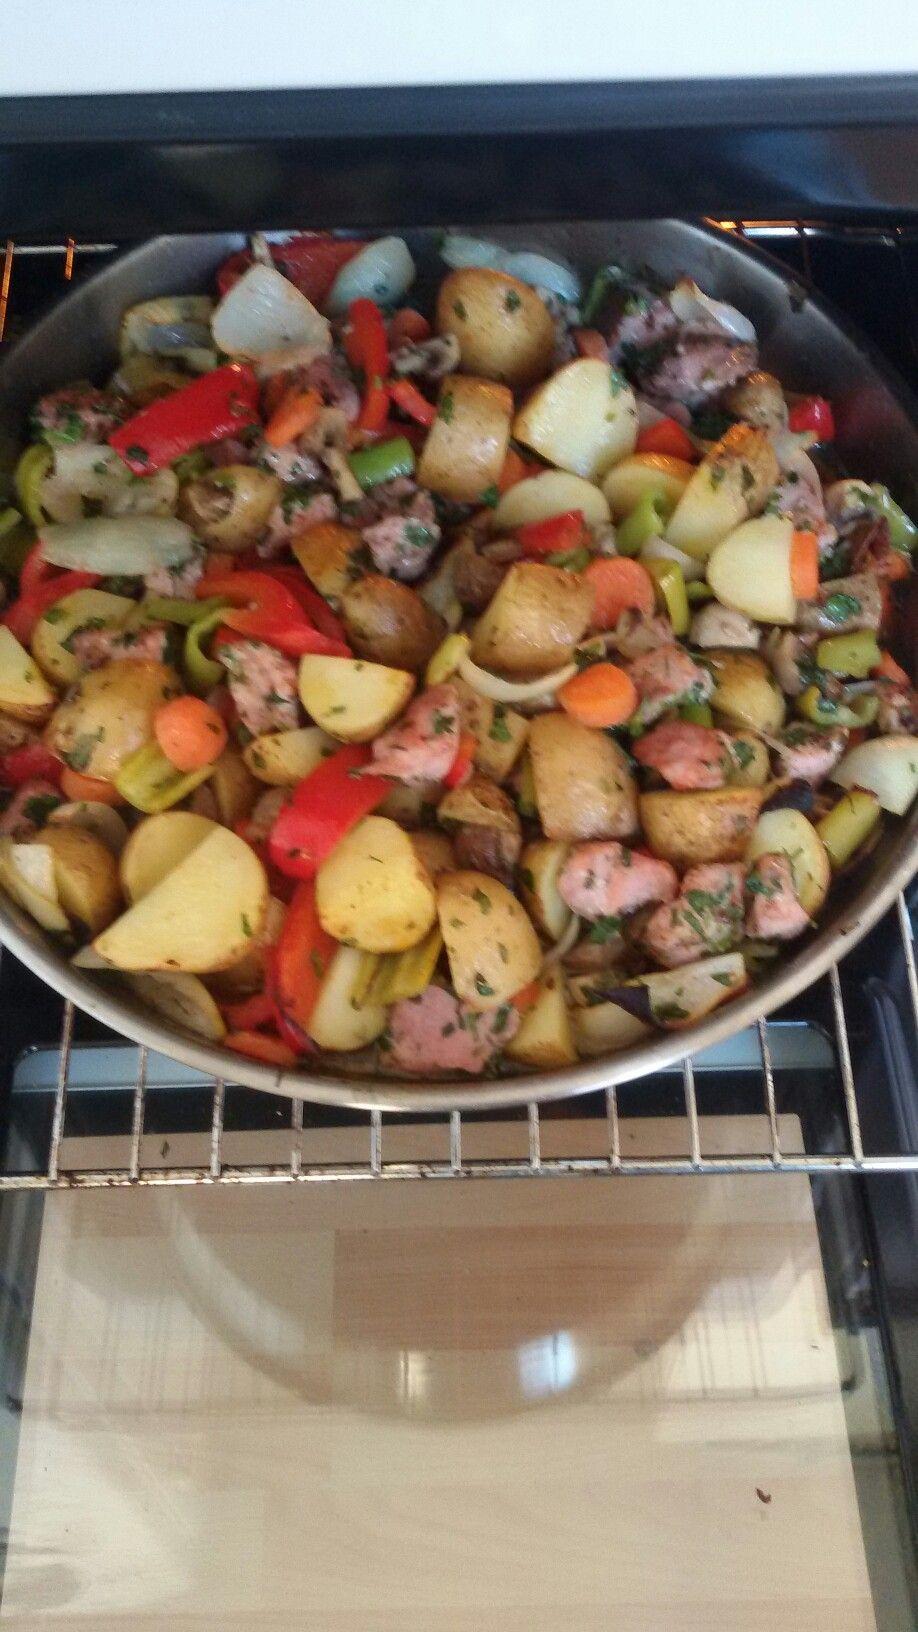 Homemade oven dish ( zelfgemaakte ovenschotel met beenham, uien, turkse pepers,aardappelen, wortels, rode paprika en peterselie)